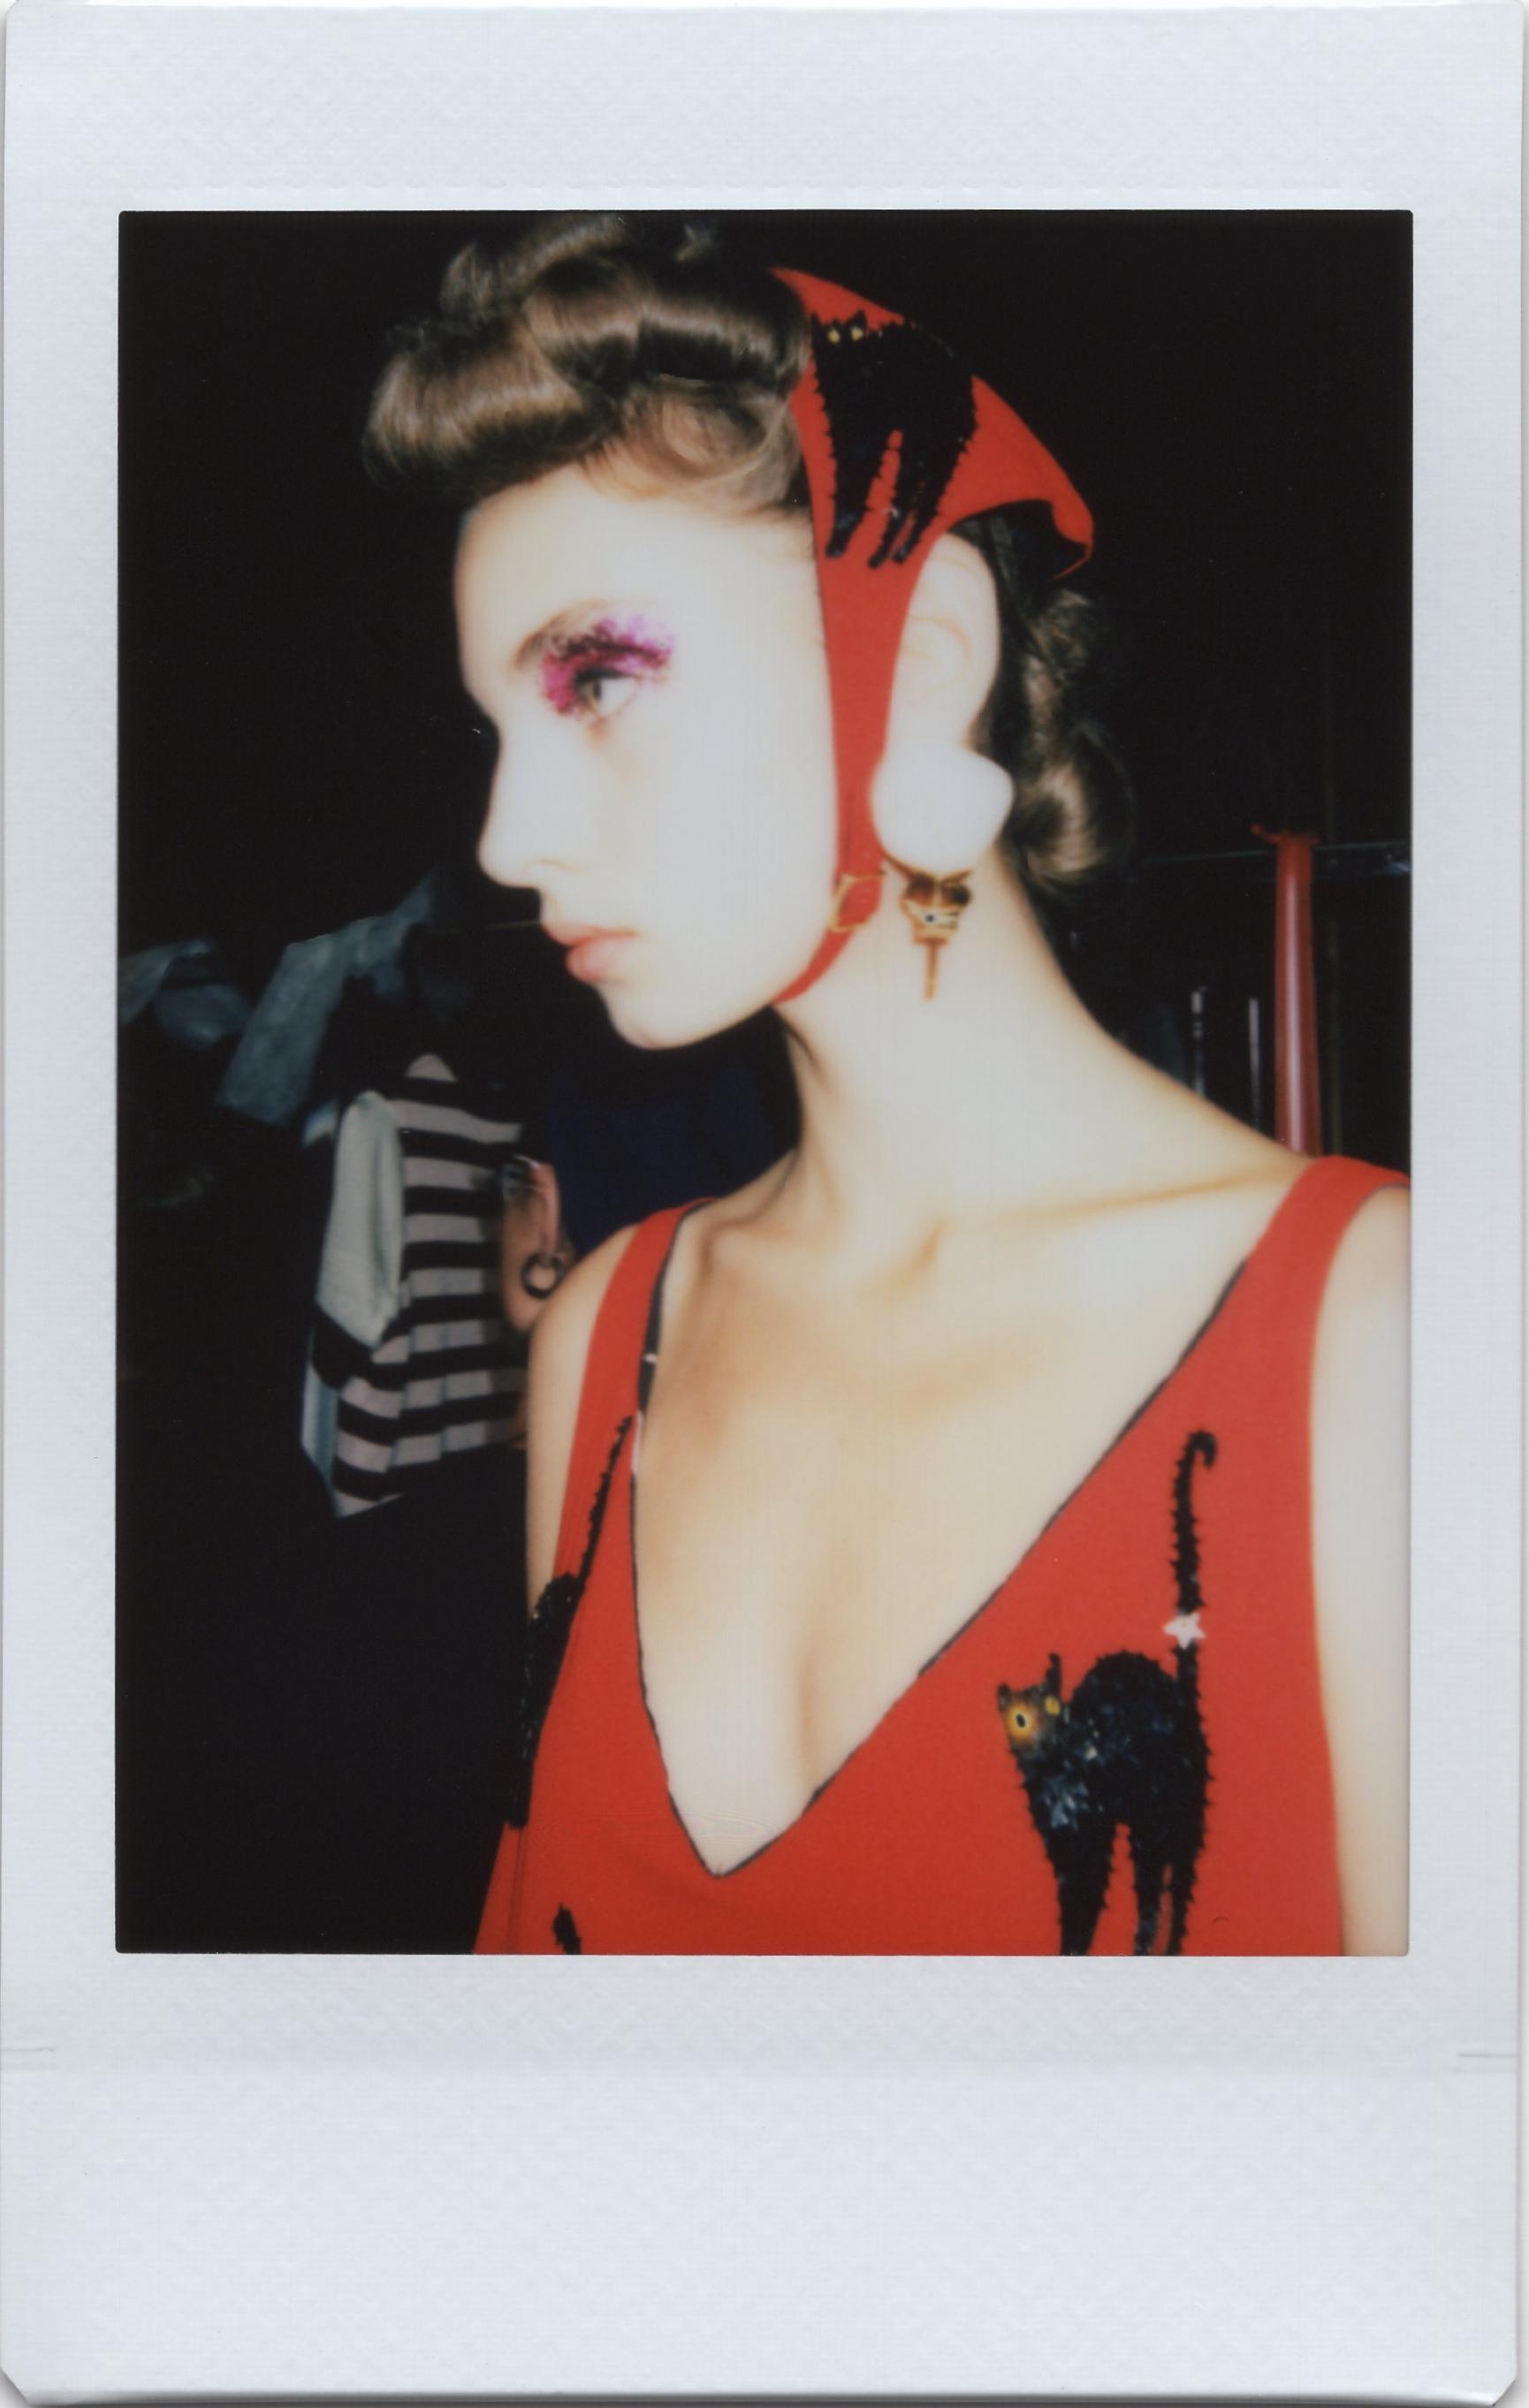 Undercover_Honigschreck_Backstage_Polaroid_8.jpg